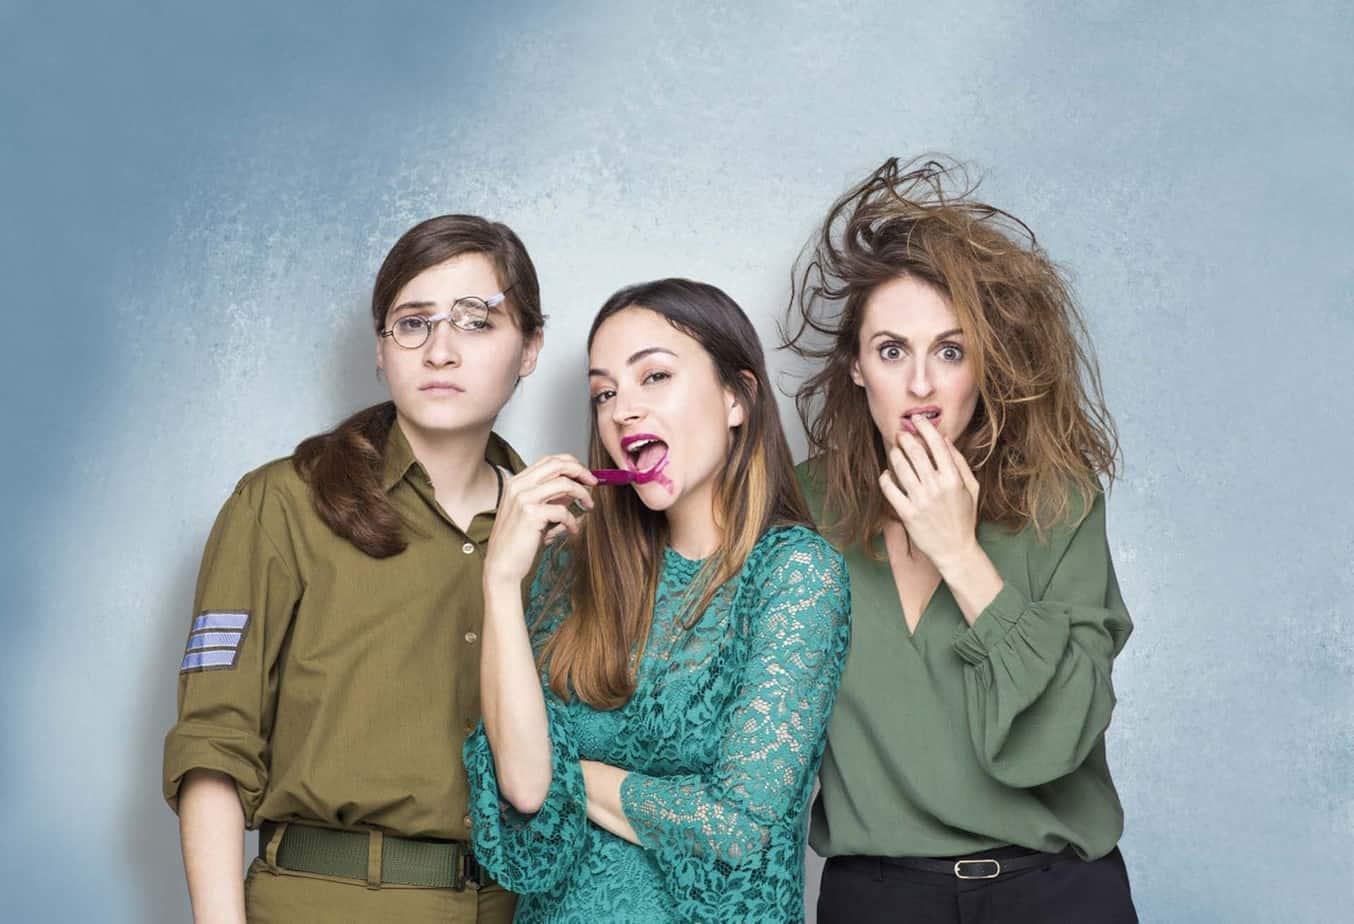 נלי תגר, טס השילוני, דנה סמו. ״האחיות המוצלחות שלי״. צילום אוהד רומנו-4